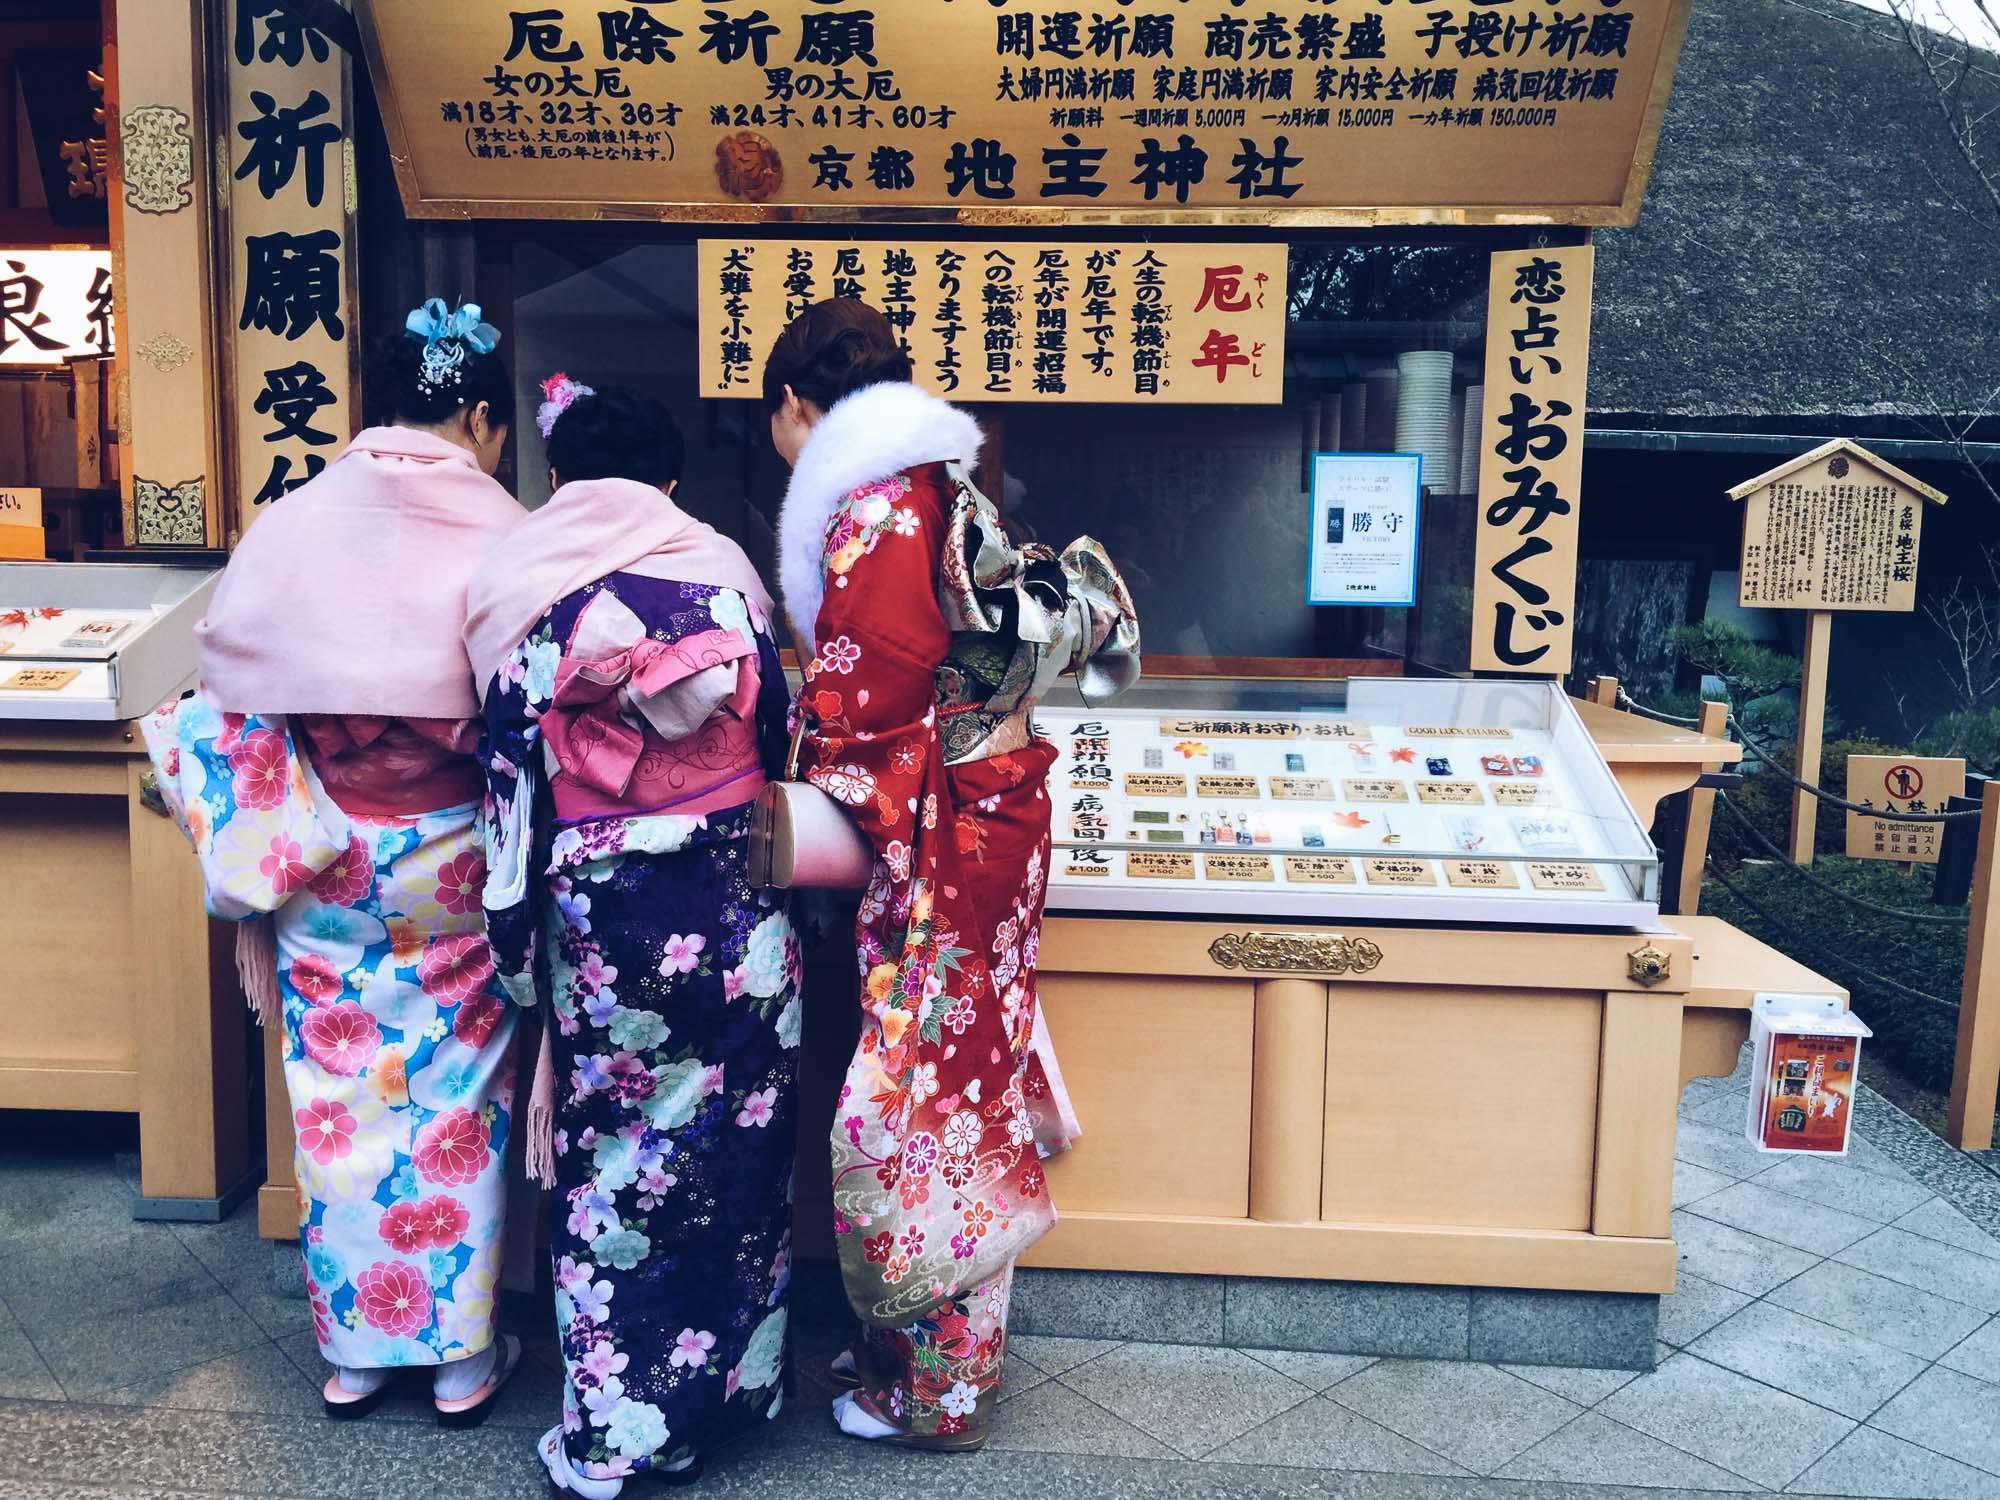 Japan itinerary - Kyoto